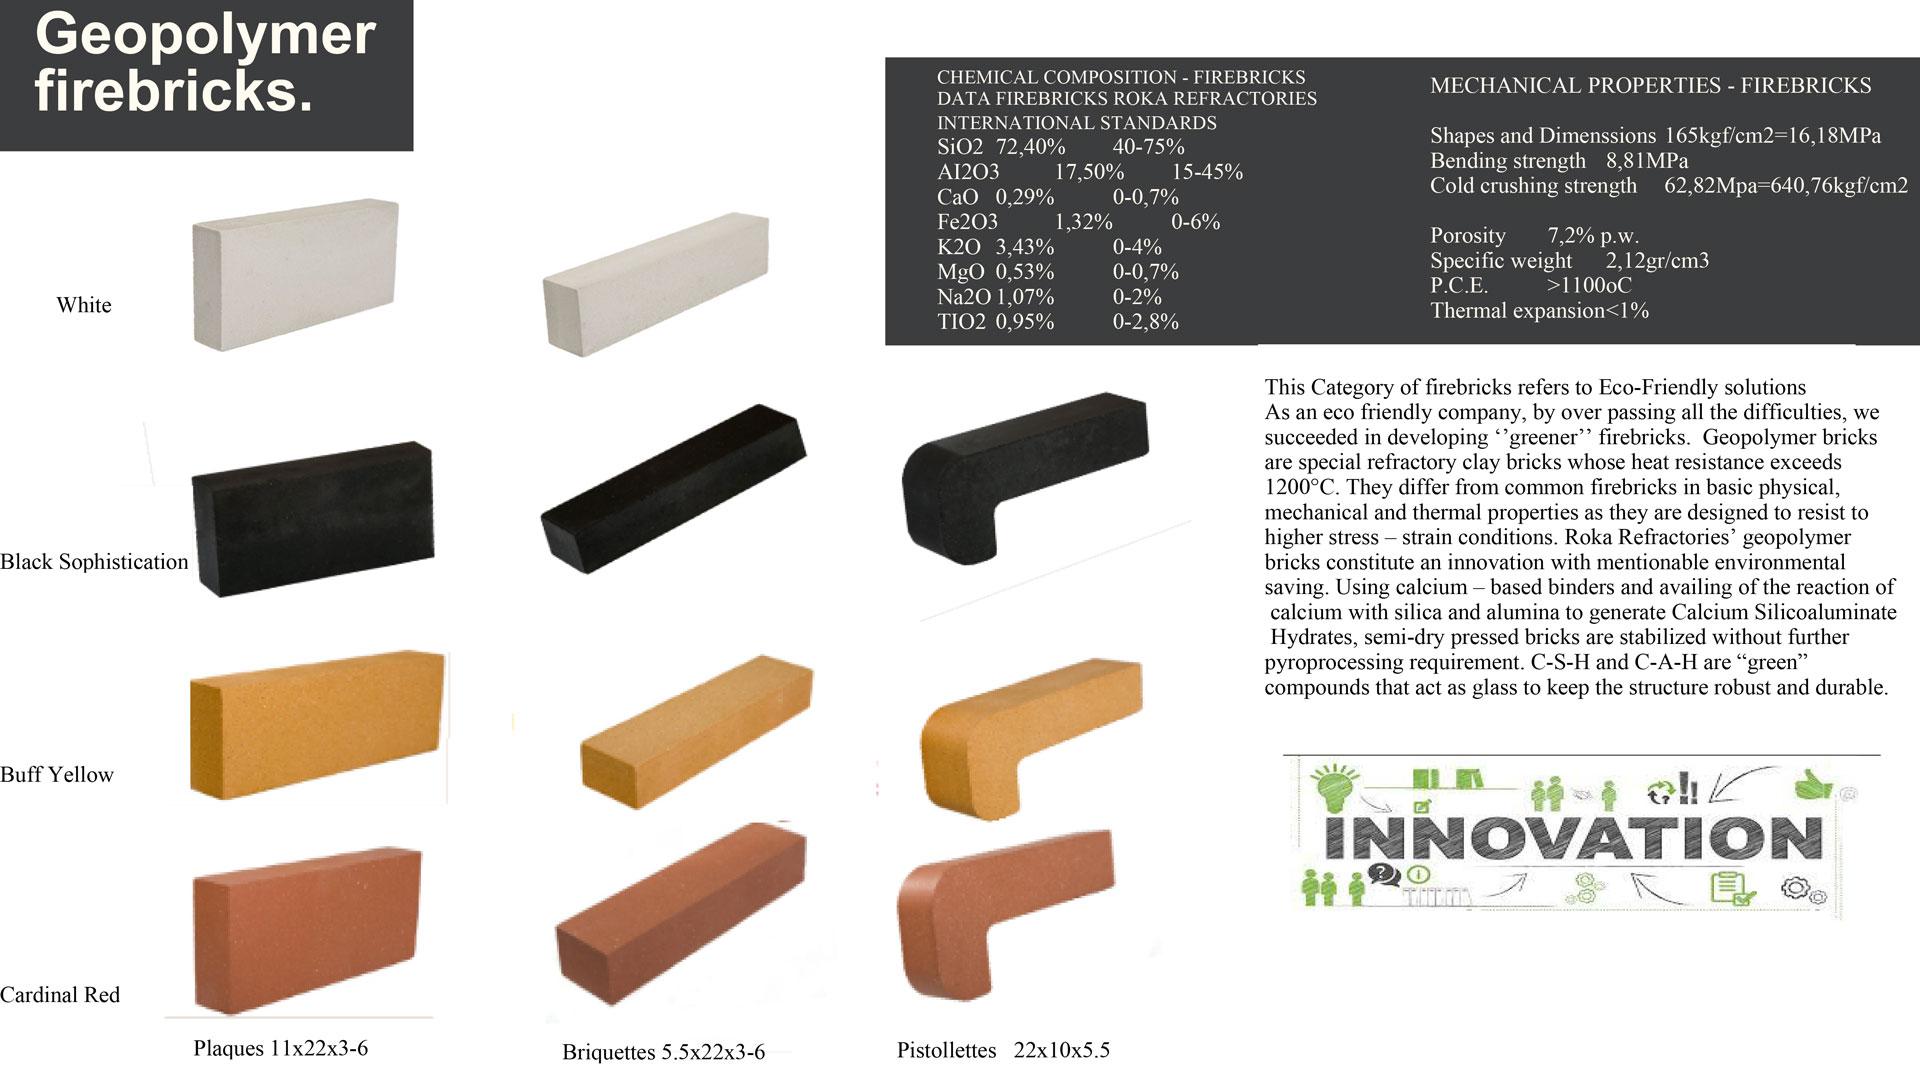 Roka-Refractories-Slider-GeopolymerF-Firebricks